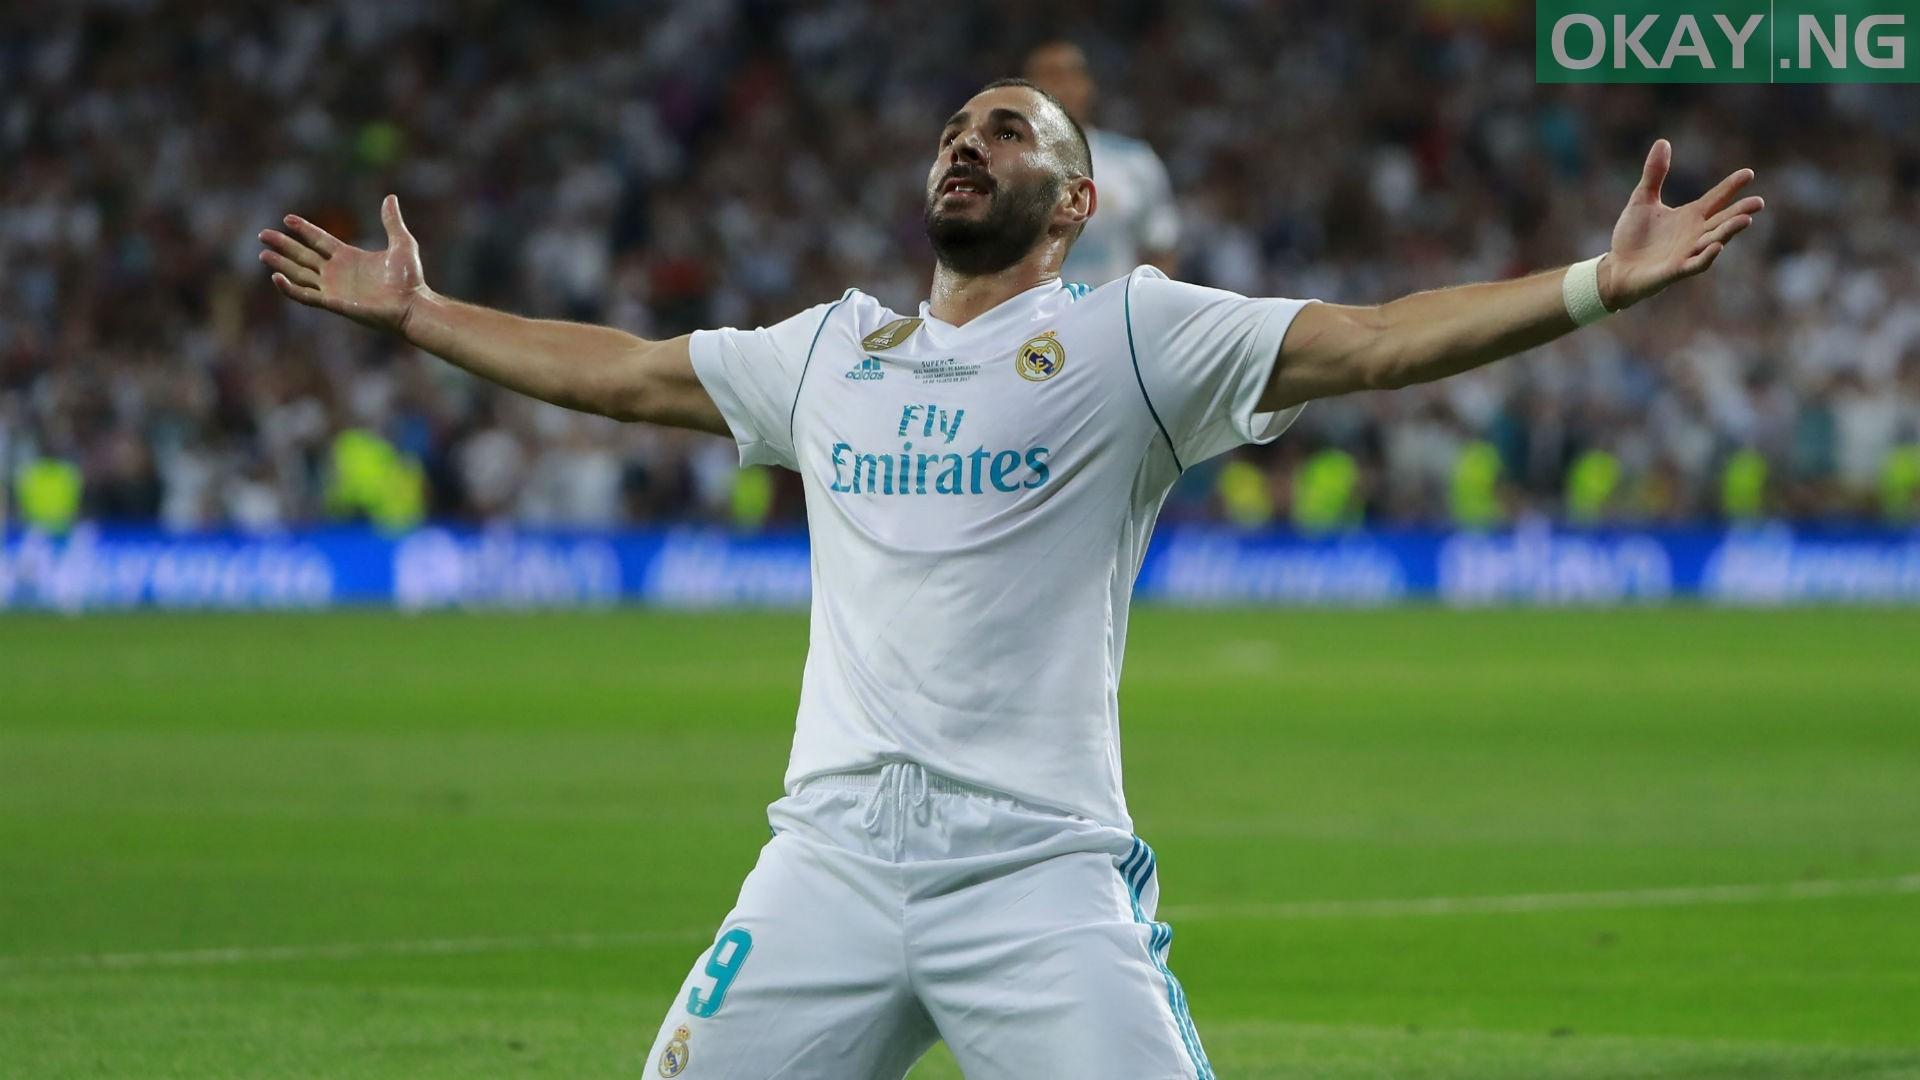 Las Palmas 0-3 Real Madrid (La Liga)